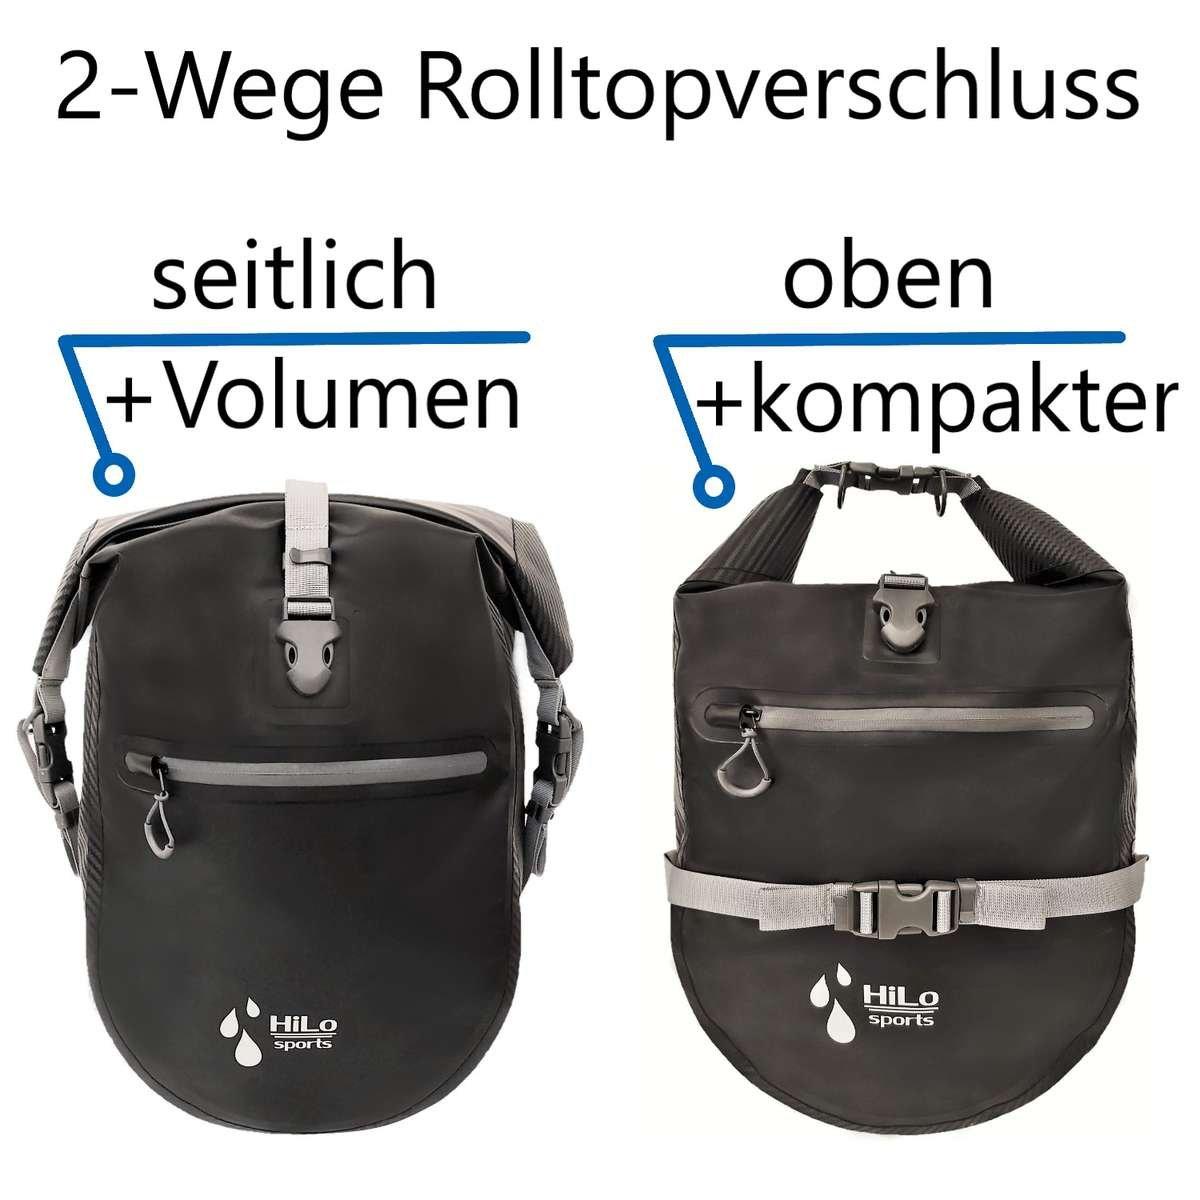 J nach dem ob du mehr Volumen brauchst oder eine kompaktere Radtasche für deinen Gepäcksträger, kannst du die Tasche unterschiedlich verschließen.